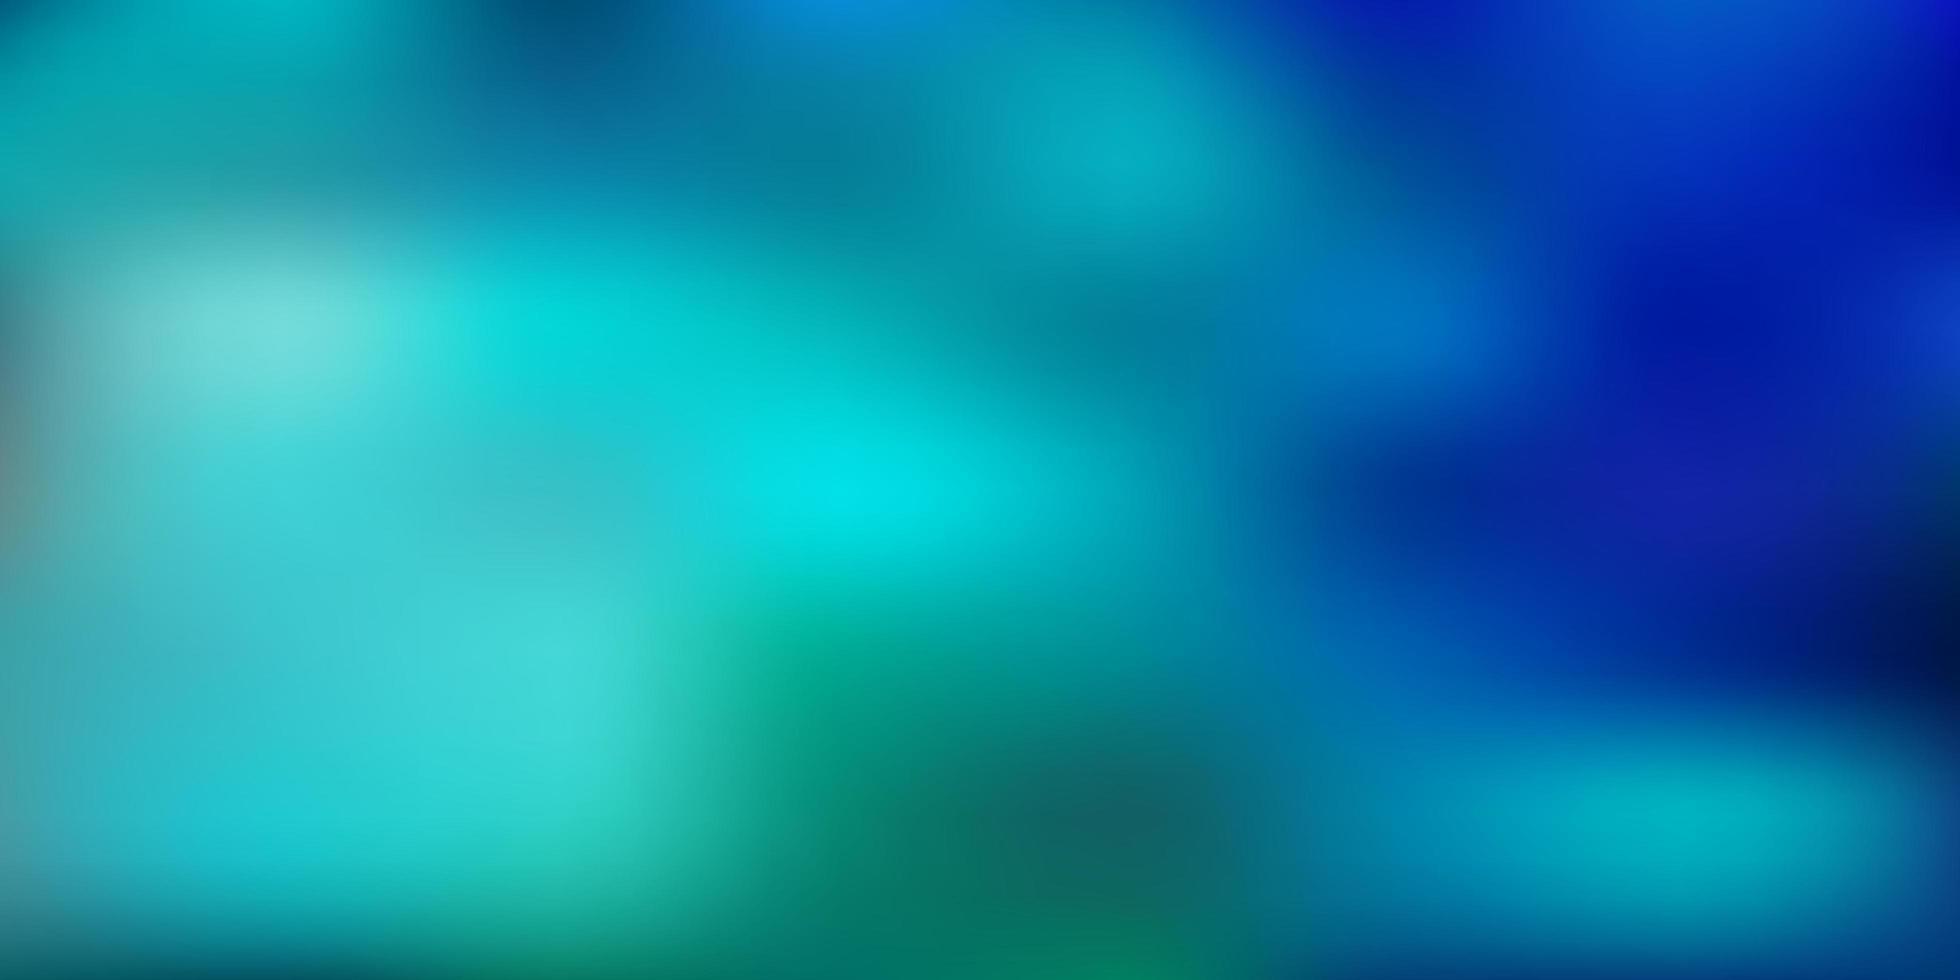 luz azul, verde vetor fundo desfocado.